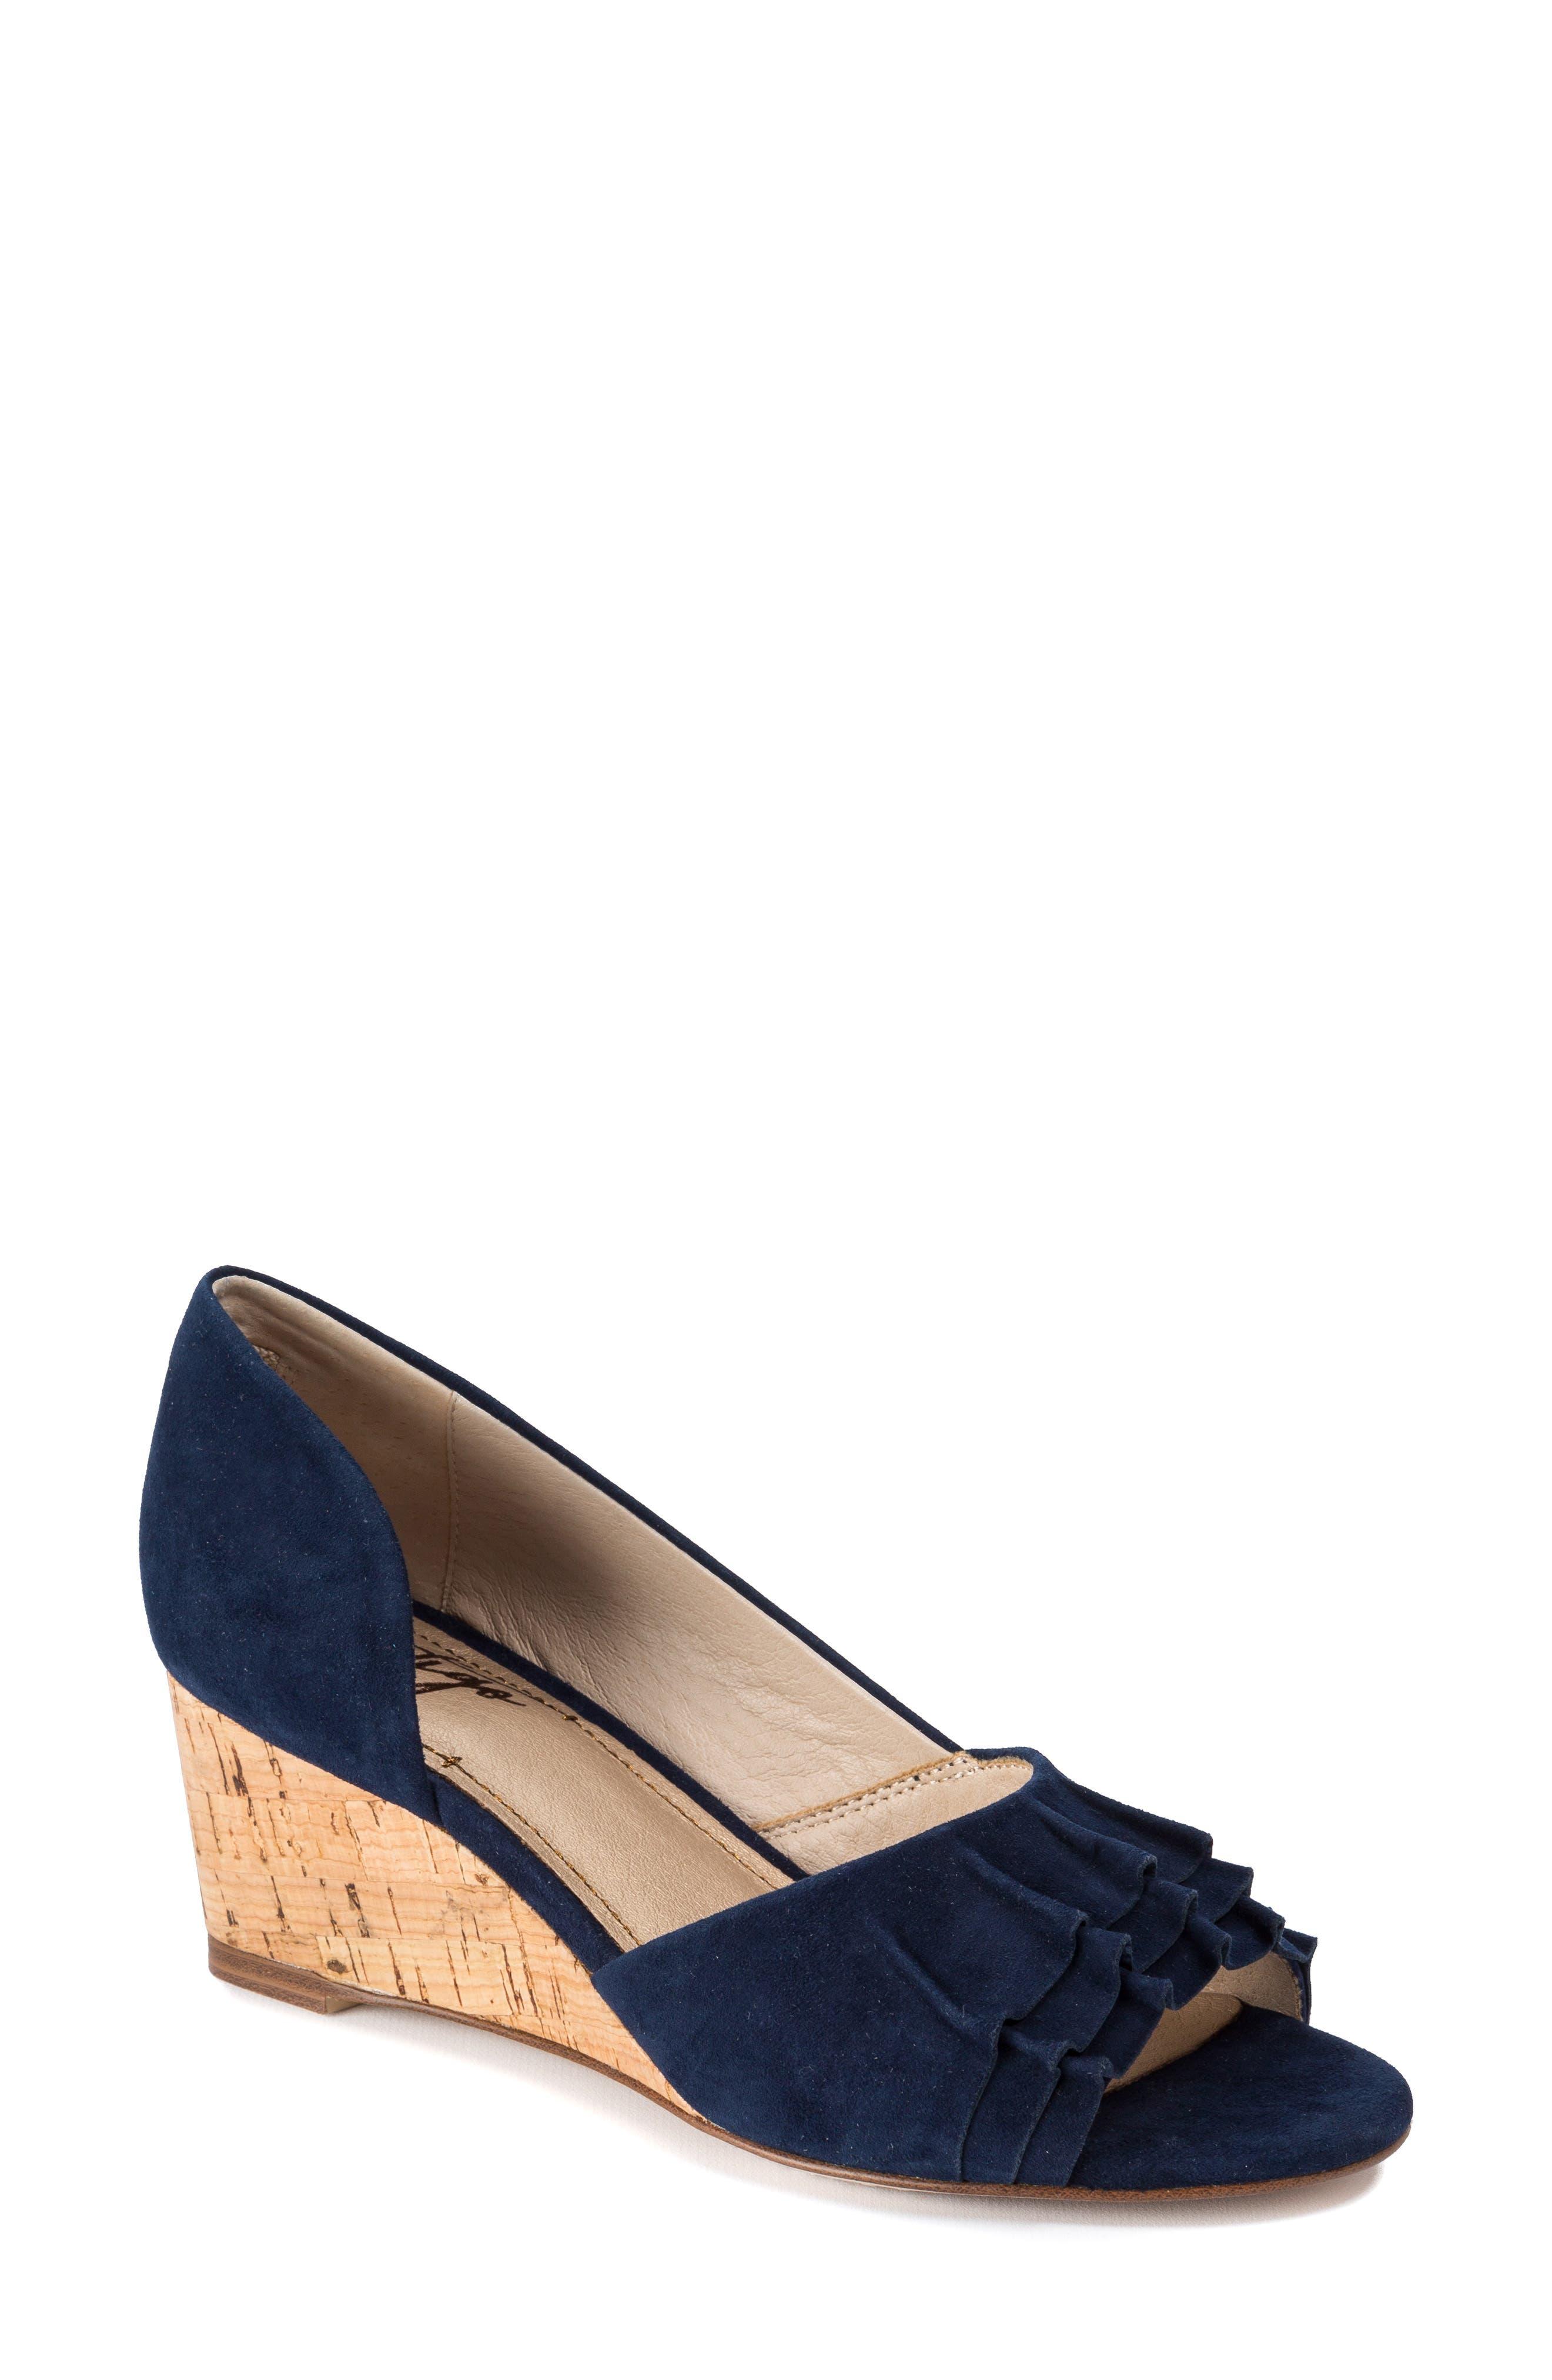 cc523d9a852 Women s Latigo Sandals